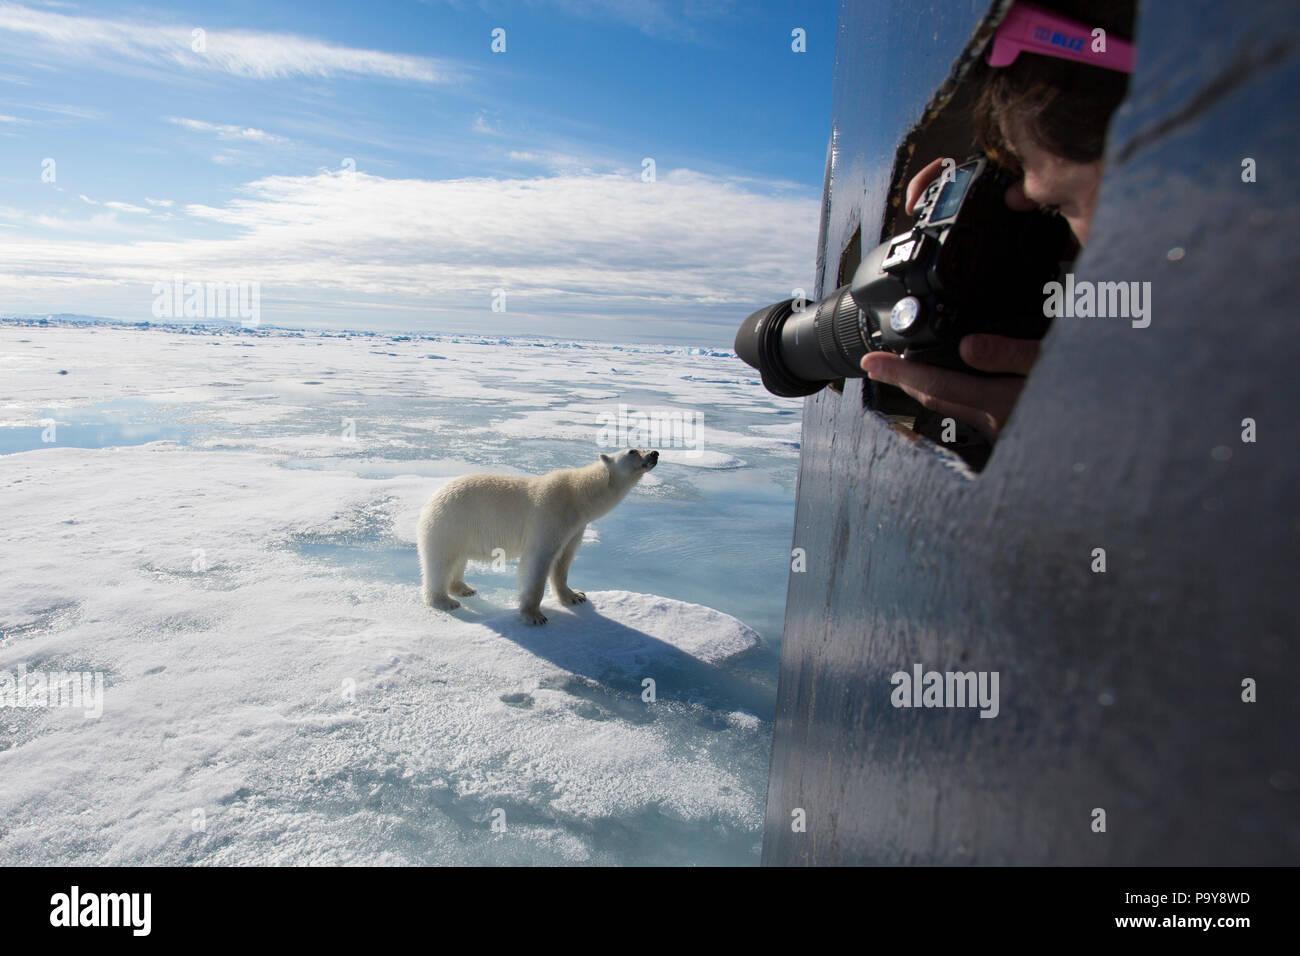 Un Ours s'approche d'un navire touristique dans l'océan Arctique, photographié par une femme à une distance proche. Photo Stock